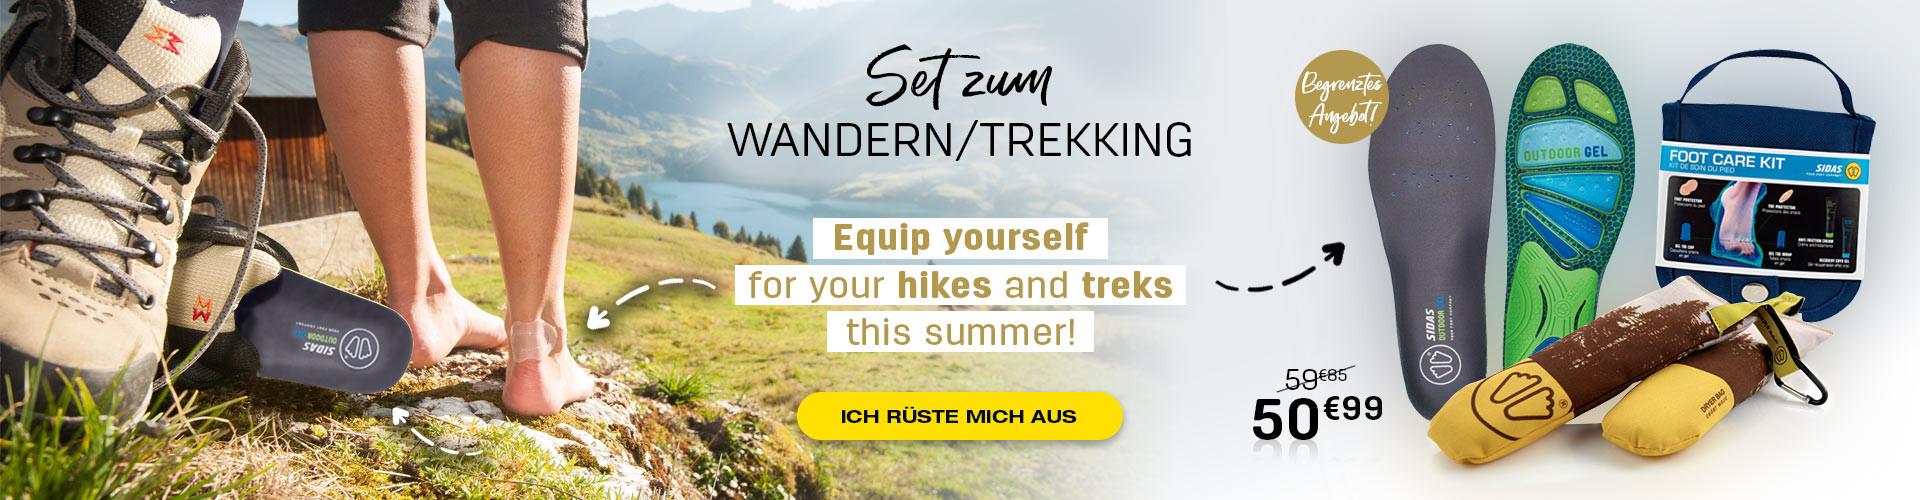 Rüsten Sie sich für Ihre Wanderungen und langen Spaziergänge in diesem Sommer aus!